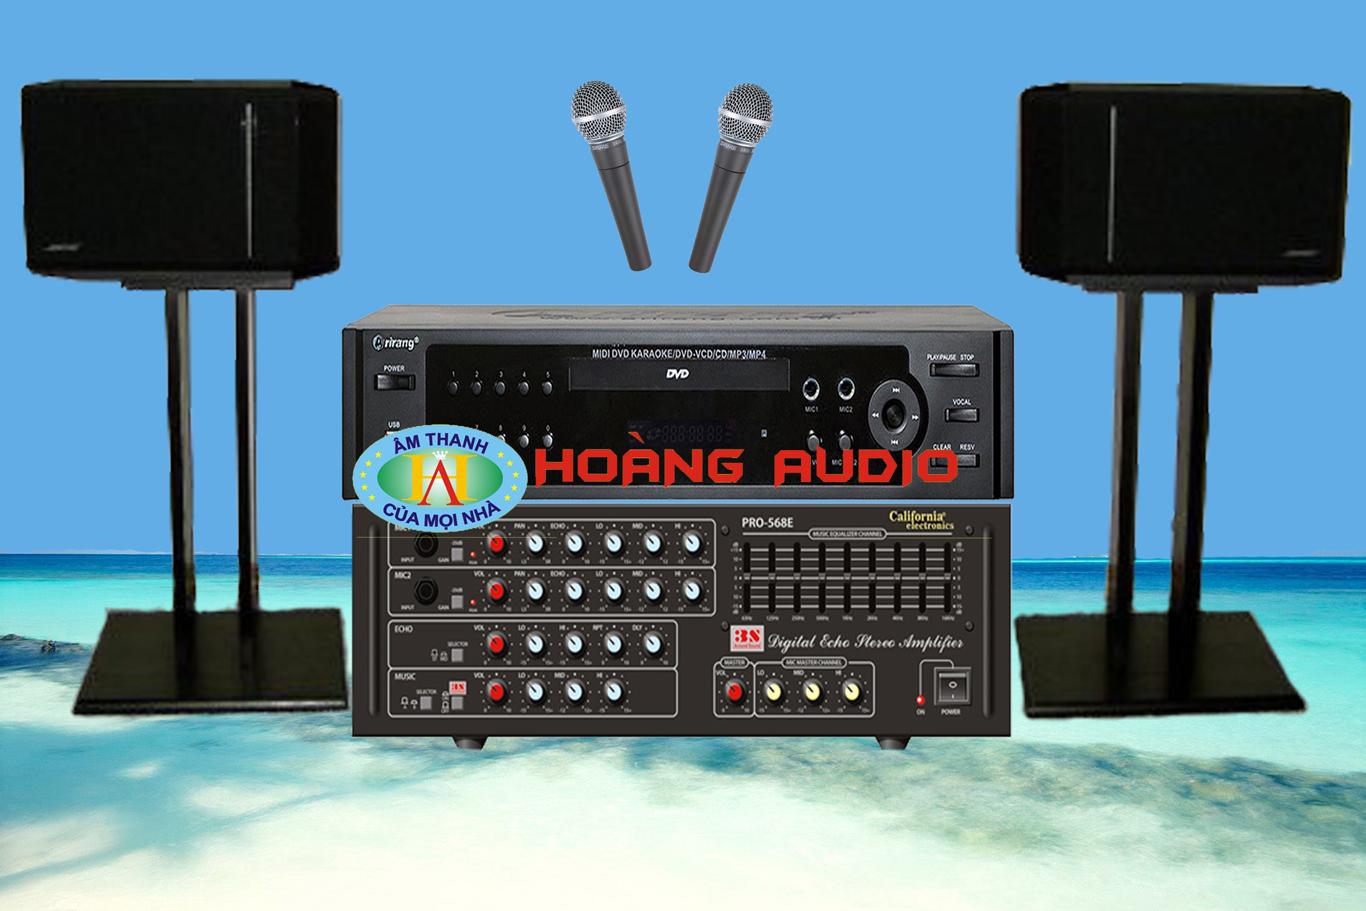 Thumbnail image for Bộ dàn karaoke gia đình HO 41